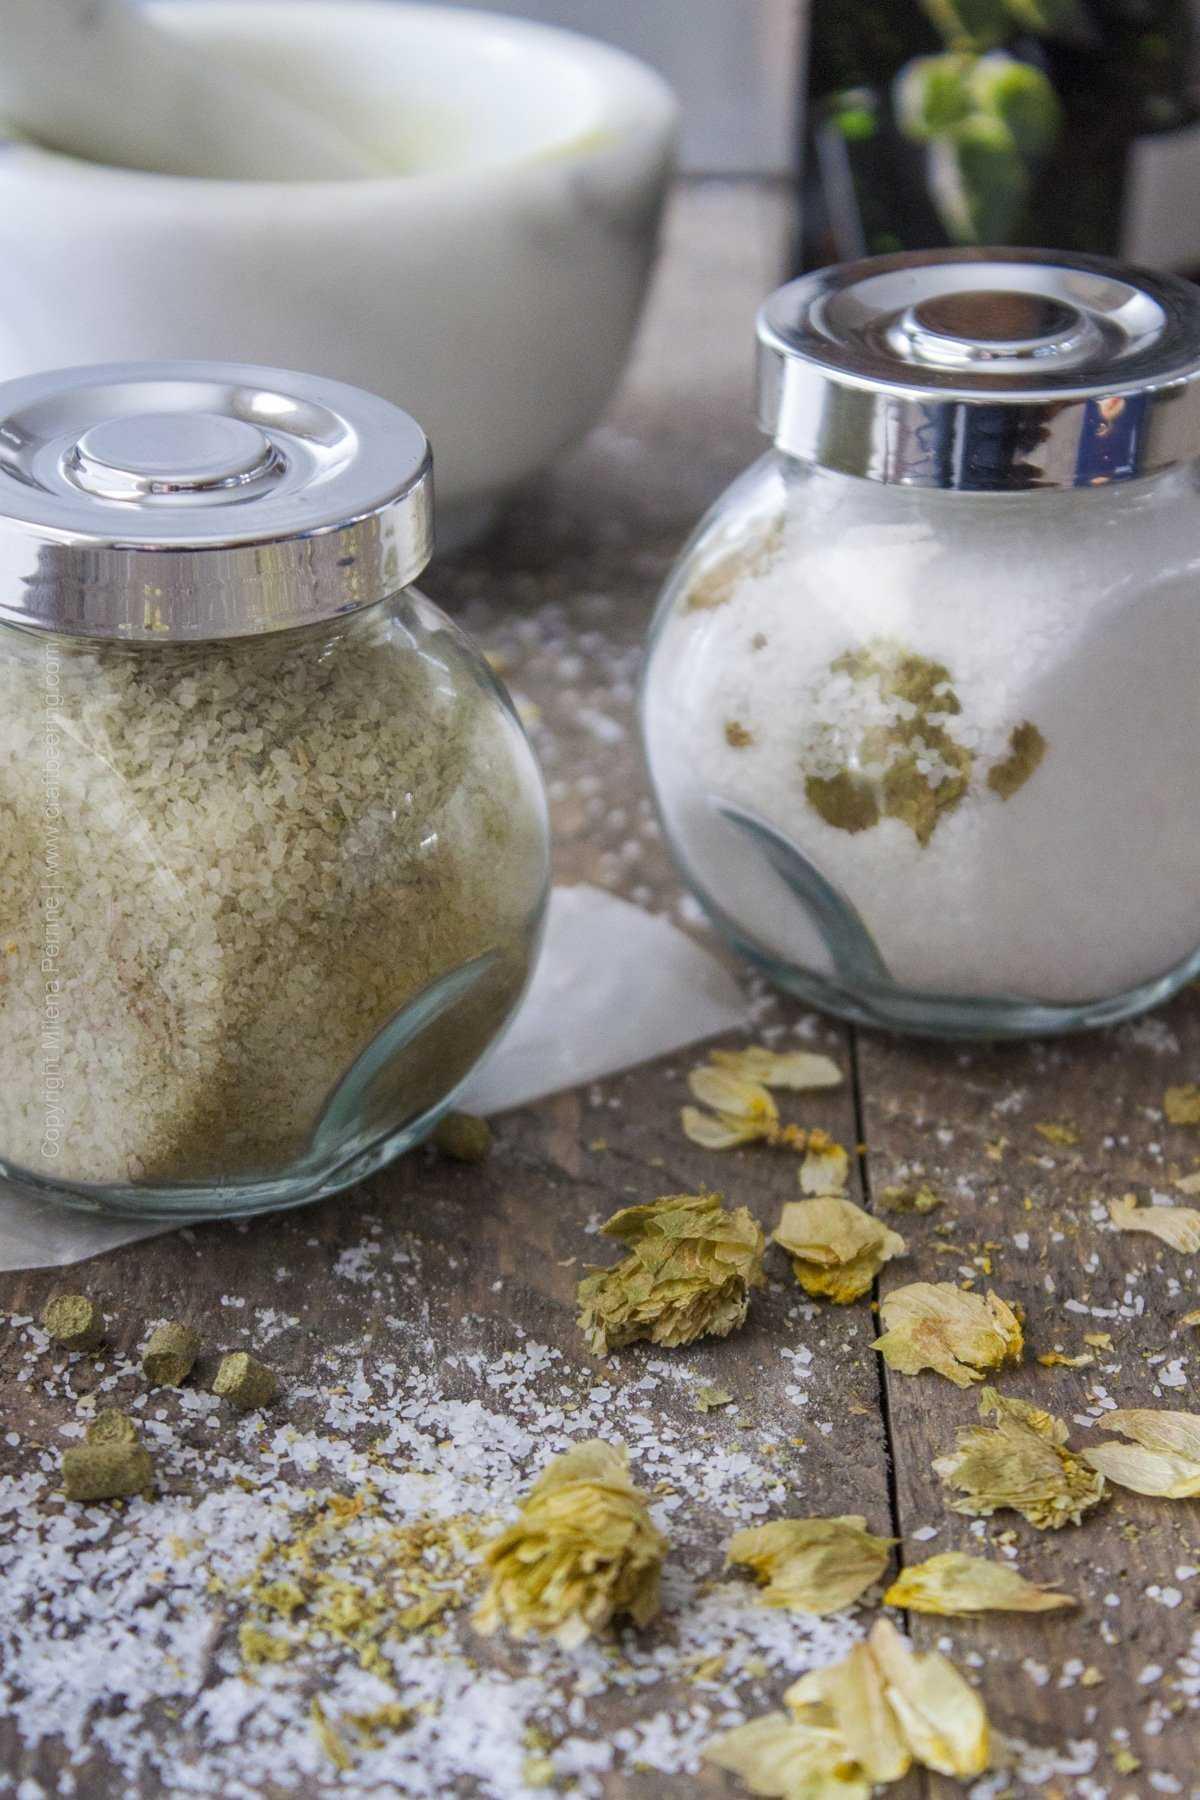 How to Make Hop Salt